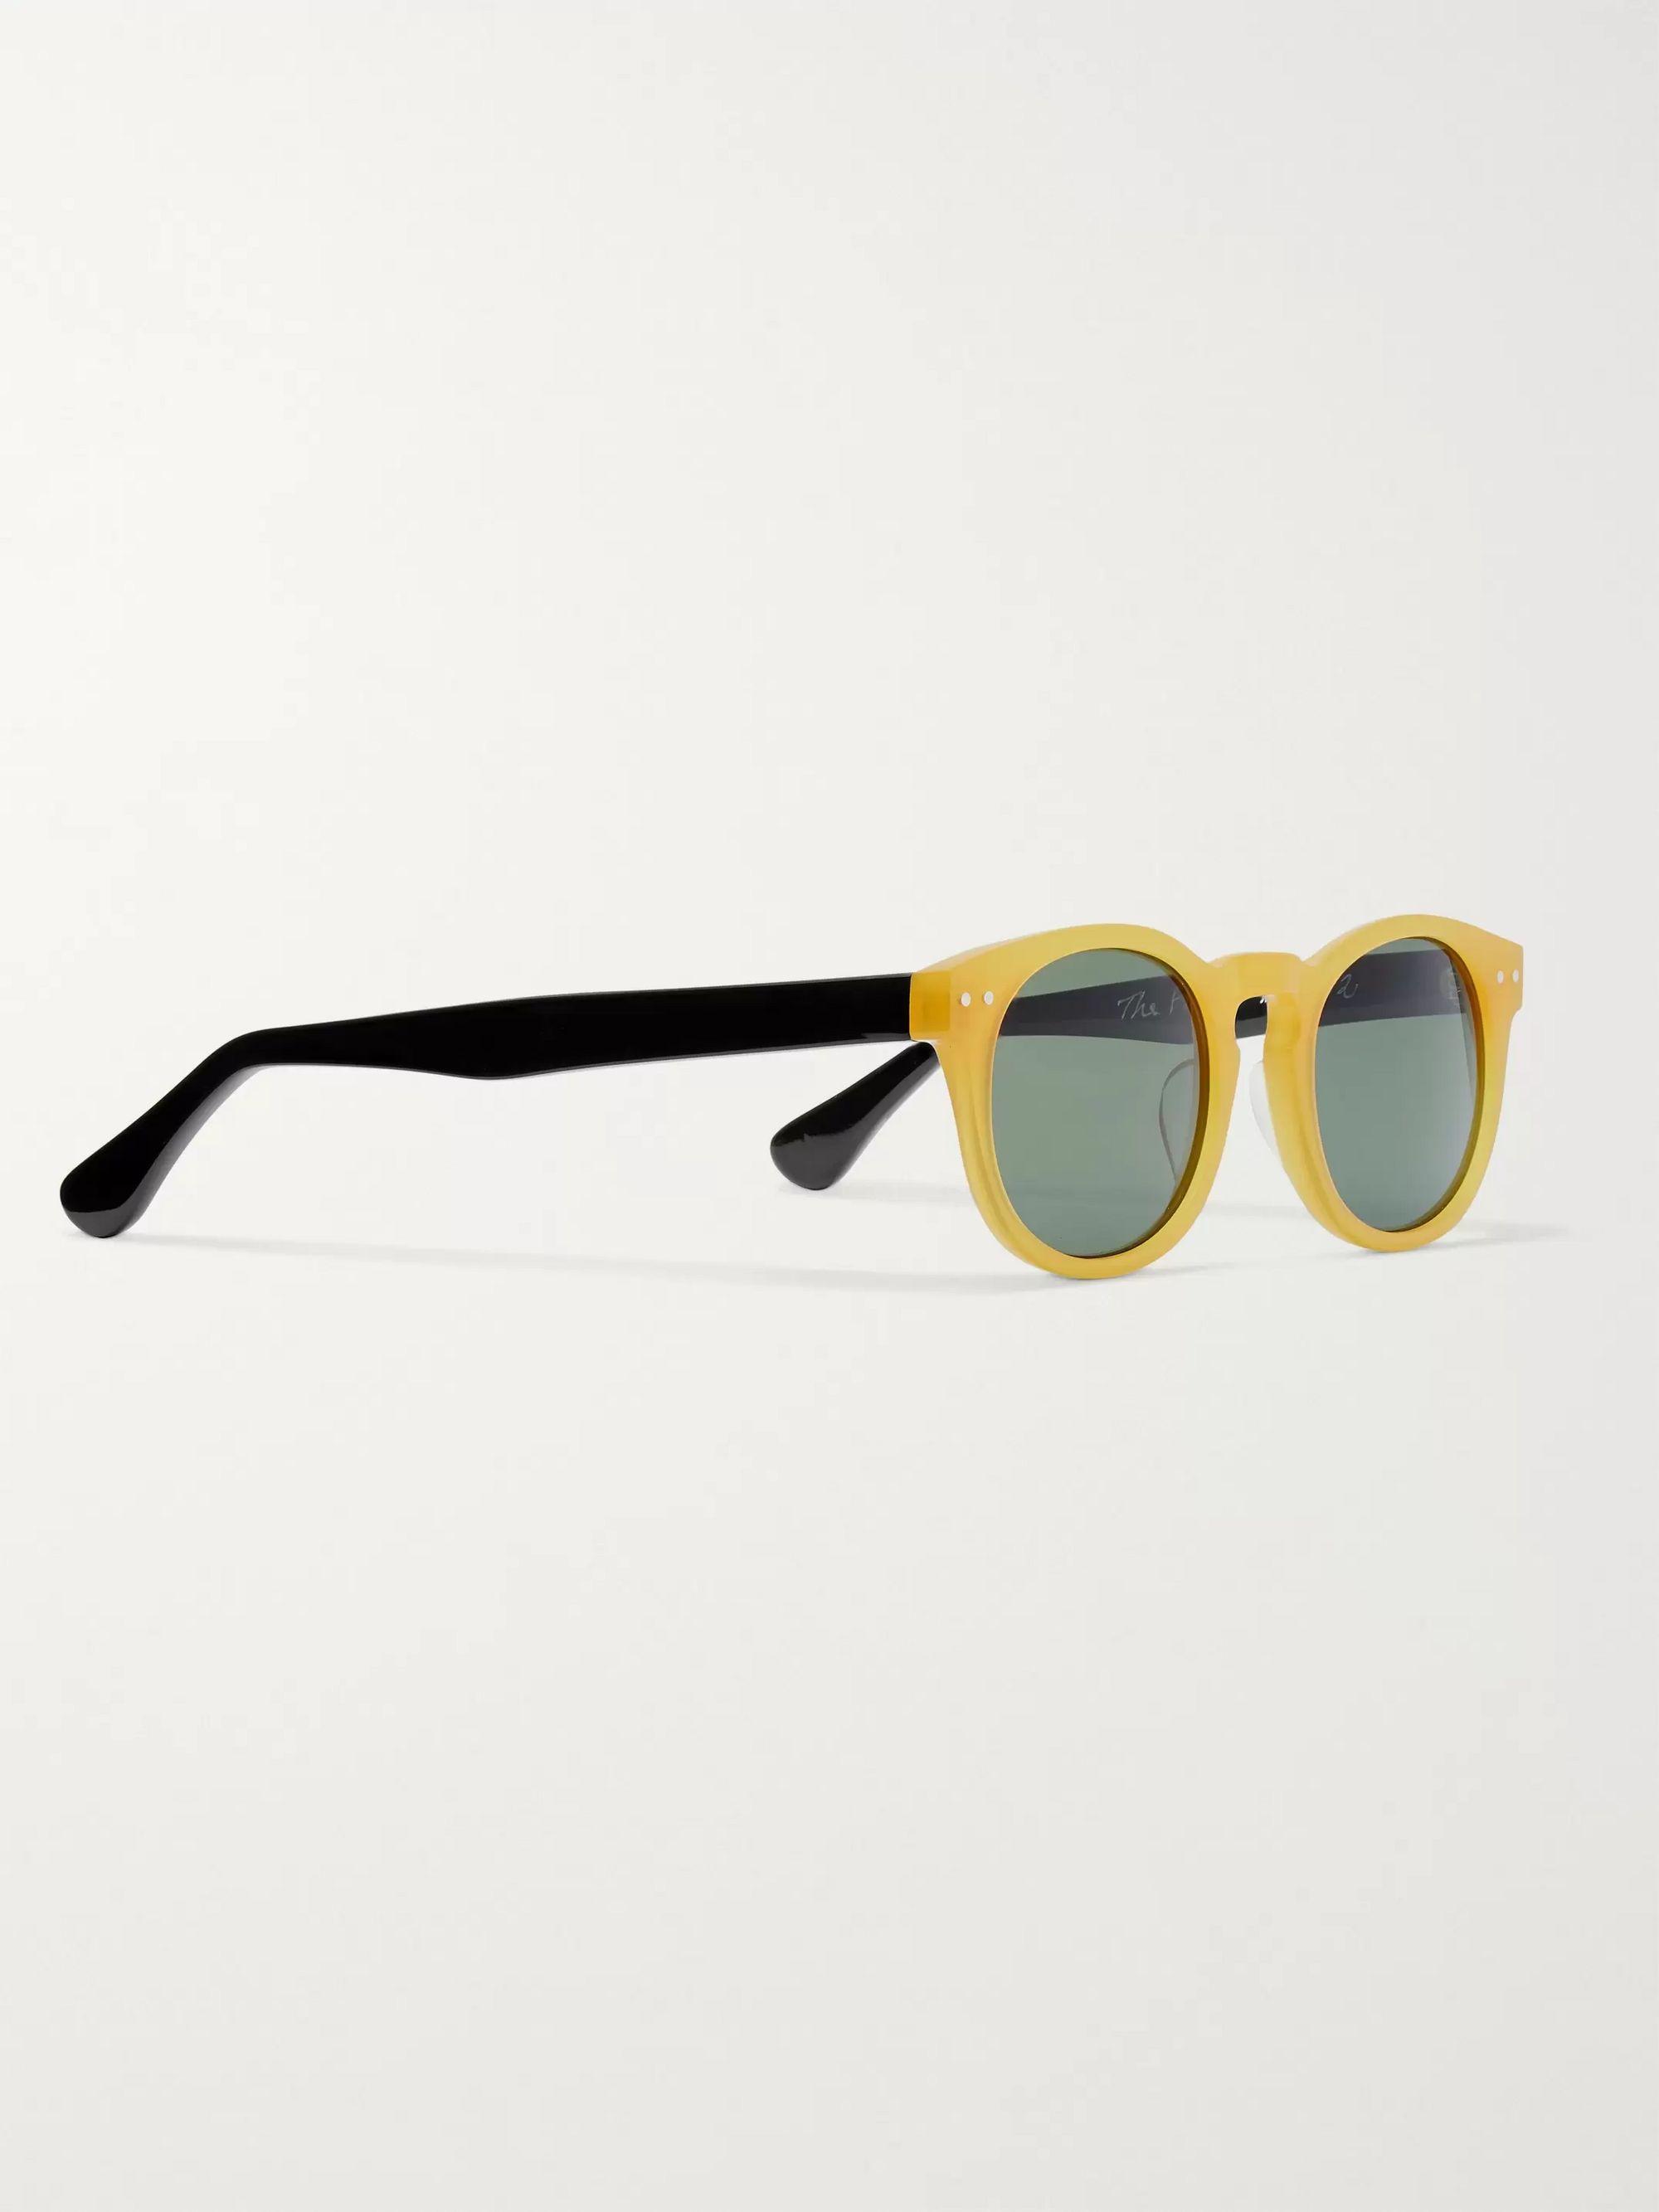 Yellow The Forli Round-frame Two-tone Acetate Polarised Sunglasses   E.b. Meyrowitz